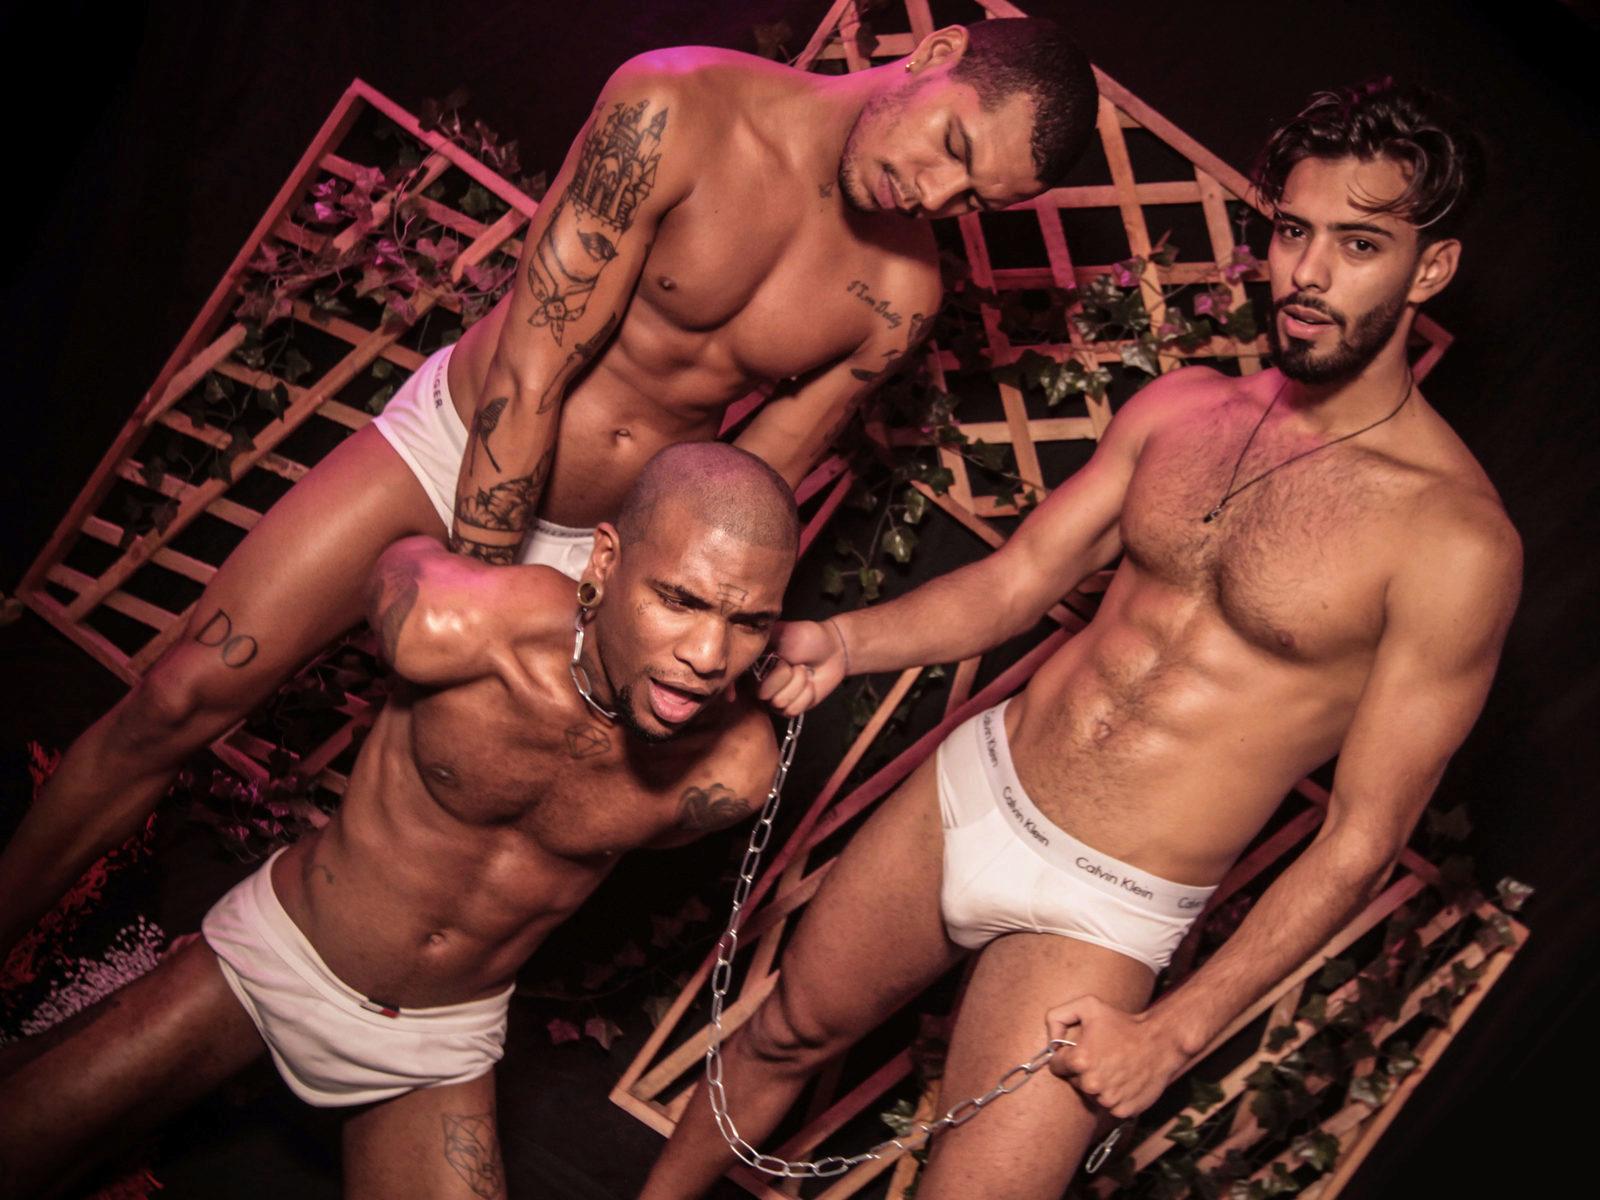 Секс негром самый большой член, Порно с большими и чёрными членами негров смотреть 12 фотография